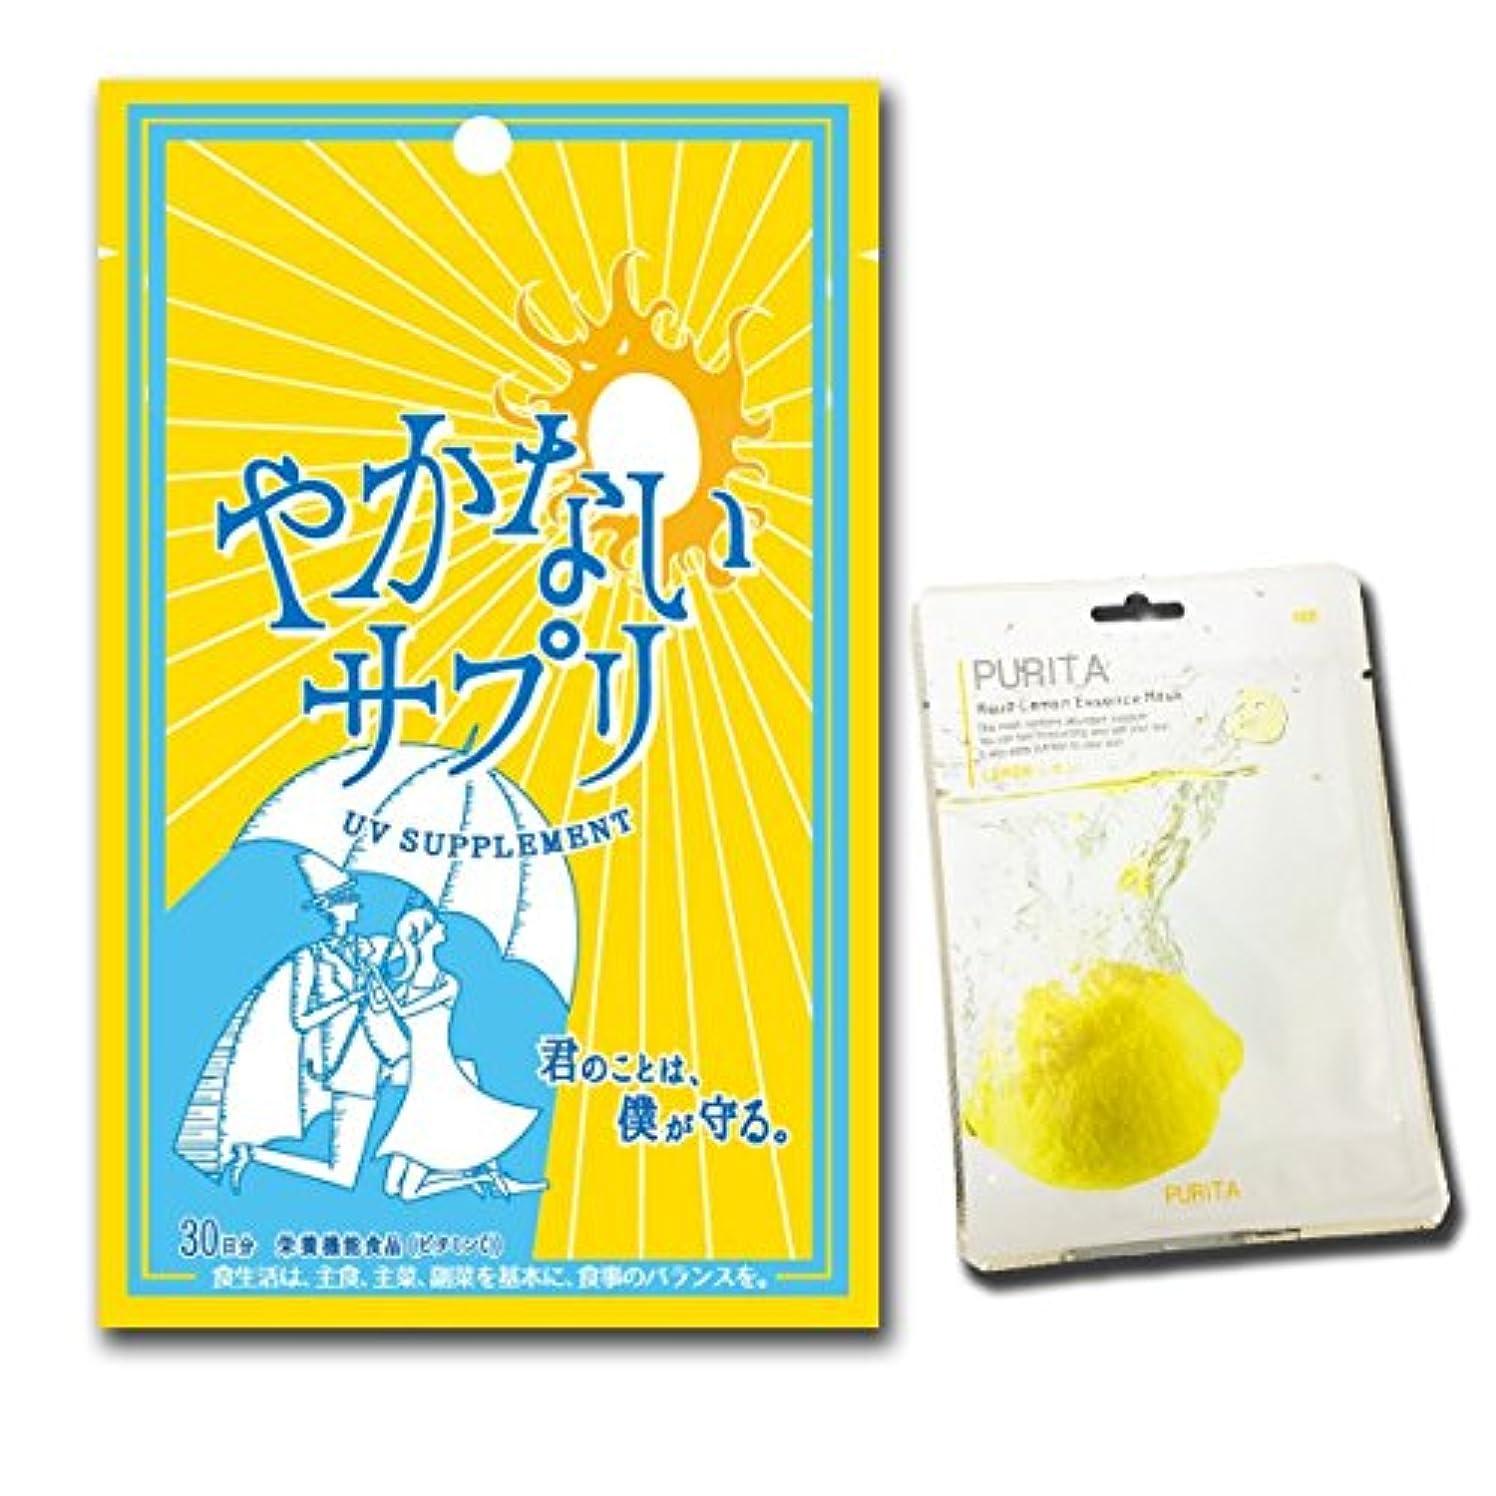 郵便屋さんコンピューター戦略飲む日焼け止め やかないサプリ 日本製 (30粒/30日分) PURITAフェイスマスク1枚付